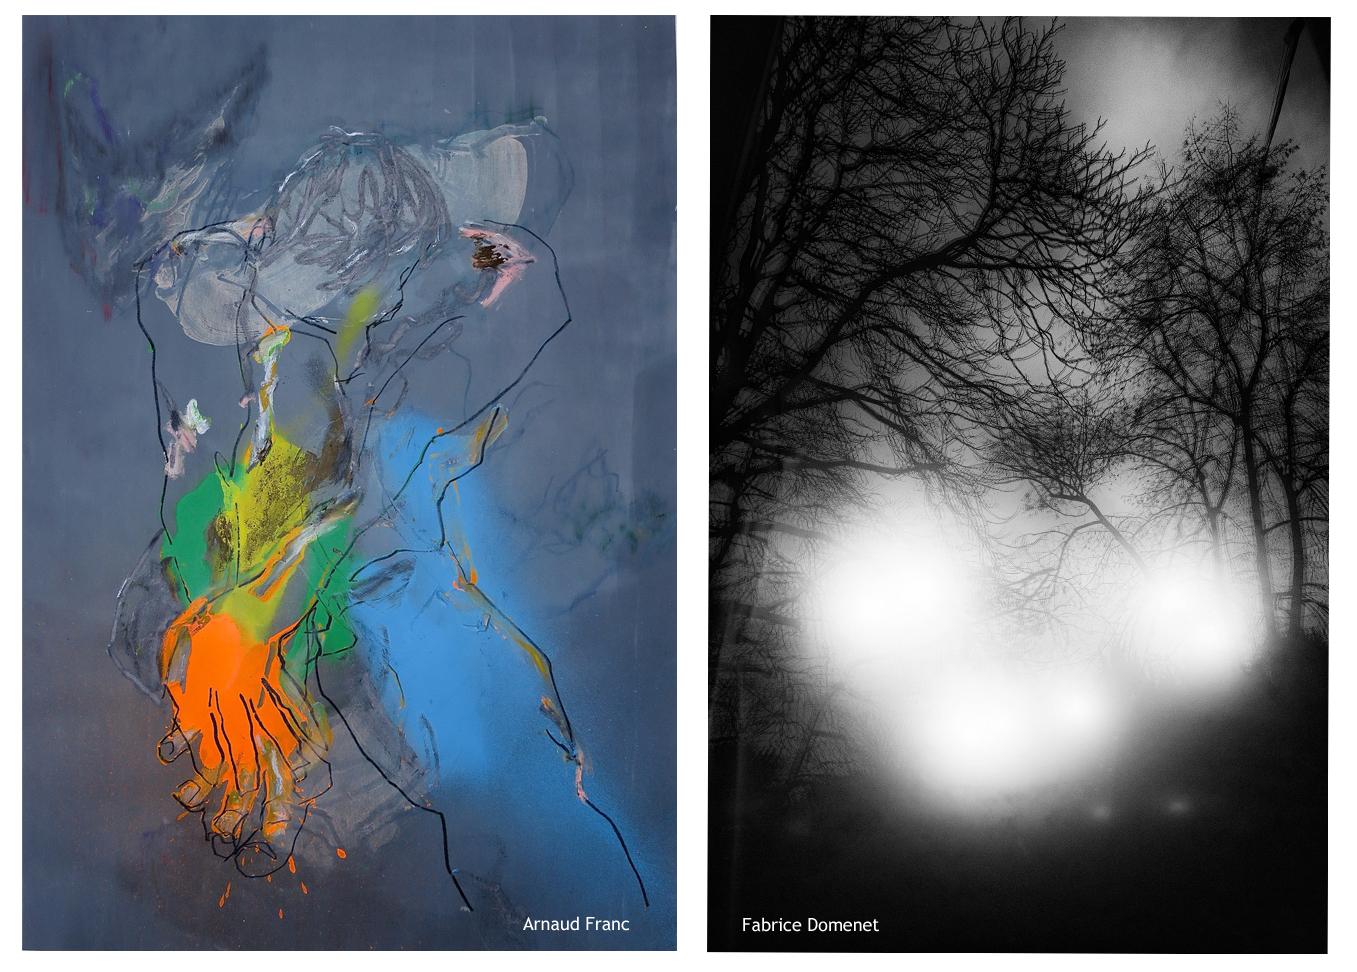 La galerie Mondapart présente « La part dévoilée », un duo plastique mettant en scène le dessin et la peinture d'Arnaud Franc ainsi que la photographie de Fabrice Domenet.  L'œuvre sur papier et toile d'Arnaud Franc (1966) est présentée en permanence à la Galerie Mondapart depuis 2008. Fabrice Domenet y est présenté pour la première fois. Les deux artistes ont récemment collaboré à une performance de découverte plastique grâce à la danse. « Du visible à l'invisible » : performance pour 13 danseurs autour du travail d'Arnaud Franc.  De prime abord, aucune collusion entre le travail d'Arnaud Franc et celui de Fabrice Domenet. La figure, le corps d'un côté, puis la nature de l'autre. Tout est écrit si ce n'est qu'au-delà du sujet et de l'image, il y a l'émotion, les sensations, ce que les artistes transmettent et souhaitent partager. Ce qu'ils donnent à voir et ce qu'ils nous demandent de chercher.  Chez Arnaud Franc l'énergie du mouvement crée des corps peints, en fulgurance. Les contours émergent d'abord, les couleurs explosent ensuite. L'échange avec le modèle vivant préfigure de l'œuvre, dans une chorégraphie puissante de mouvements et de positions éclairées par les demandes de l'artiste. Historiquement danseur interprète, Fabrice Domenet s'est lui aussi depuis toujours consacré à l'art du mouvement, il partage avec Arnaud Franc la grâce et la connaissance du corps dans ses élucubrations sensorielles.  L'expérience physique est également le but recherché dans la photographie de Fabrice Domenet qui « tend à rendre visible la manifestation du non visible sous la forme d'une expérience physique ». Une expérience physique cette fois entre le public, celui qui regarde, et l'œuvre. Les deux artistes partagent cette capacité à manier force et douceur, puissance et sensibilité à la fois. La nature humaine suggérée par Arnaud Franc et la nature arborée de Fabrice Domenet portent en elles une fragilité source d'émotion. Une cinquantaine d'œuvres seront présentées lors de cet